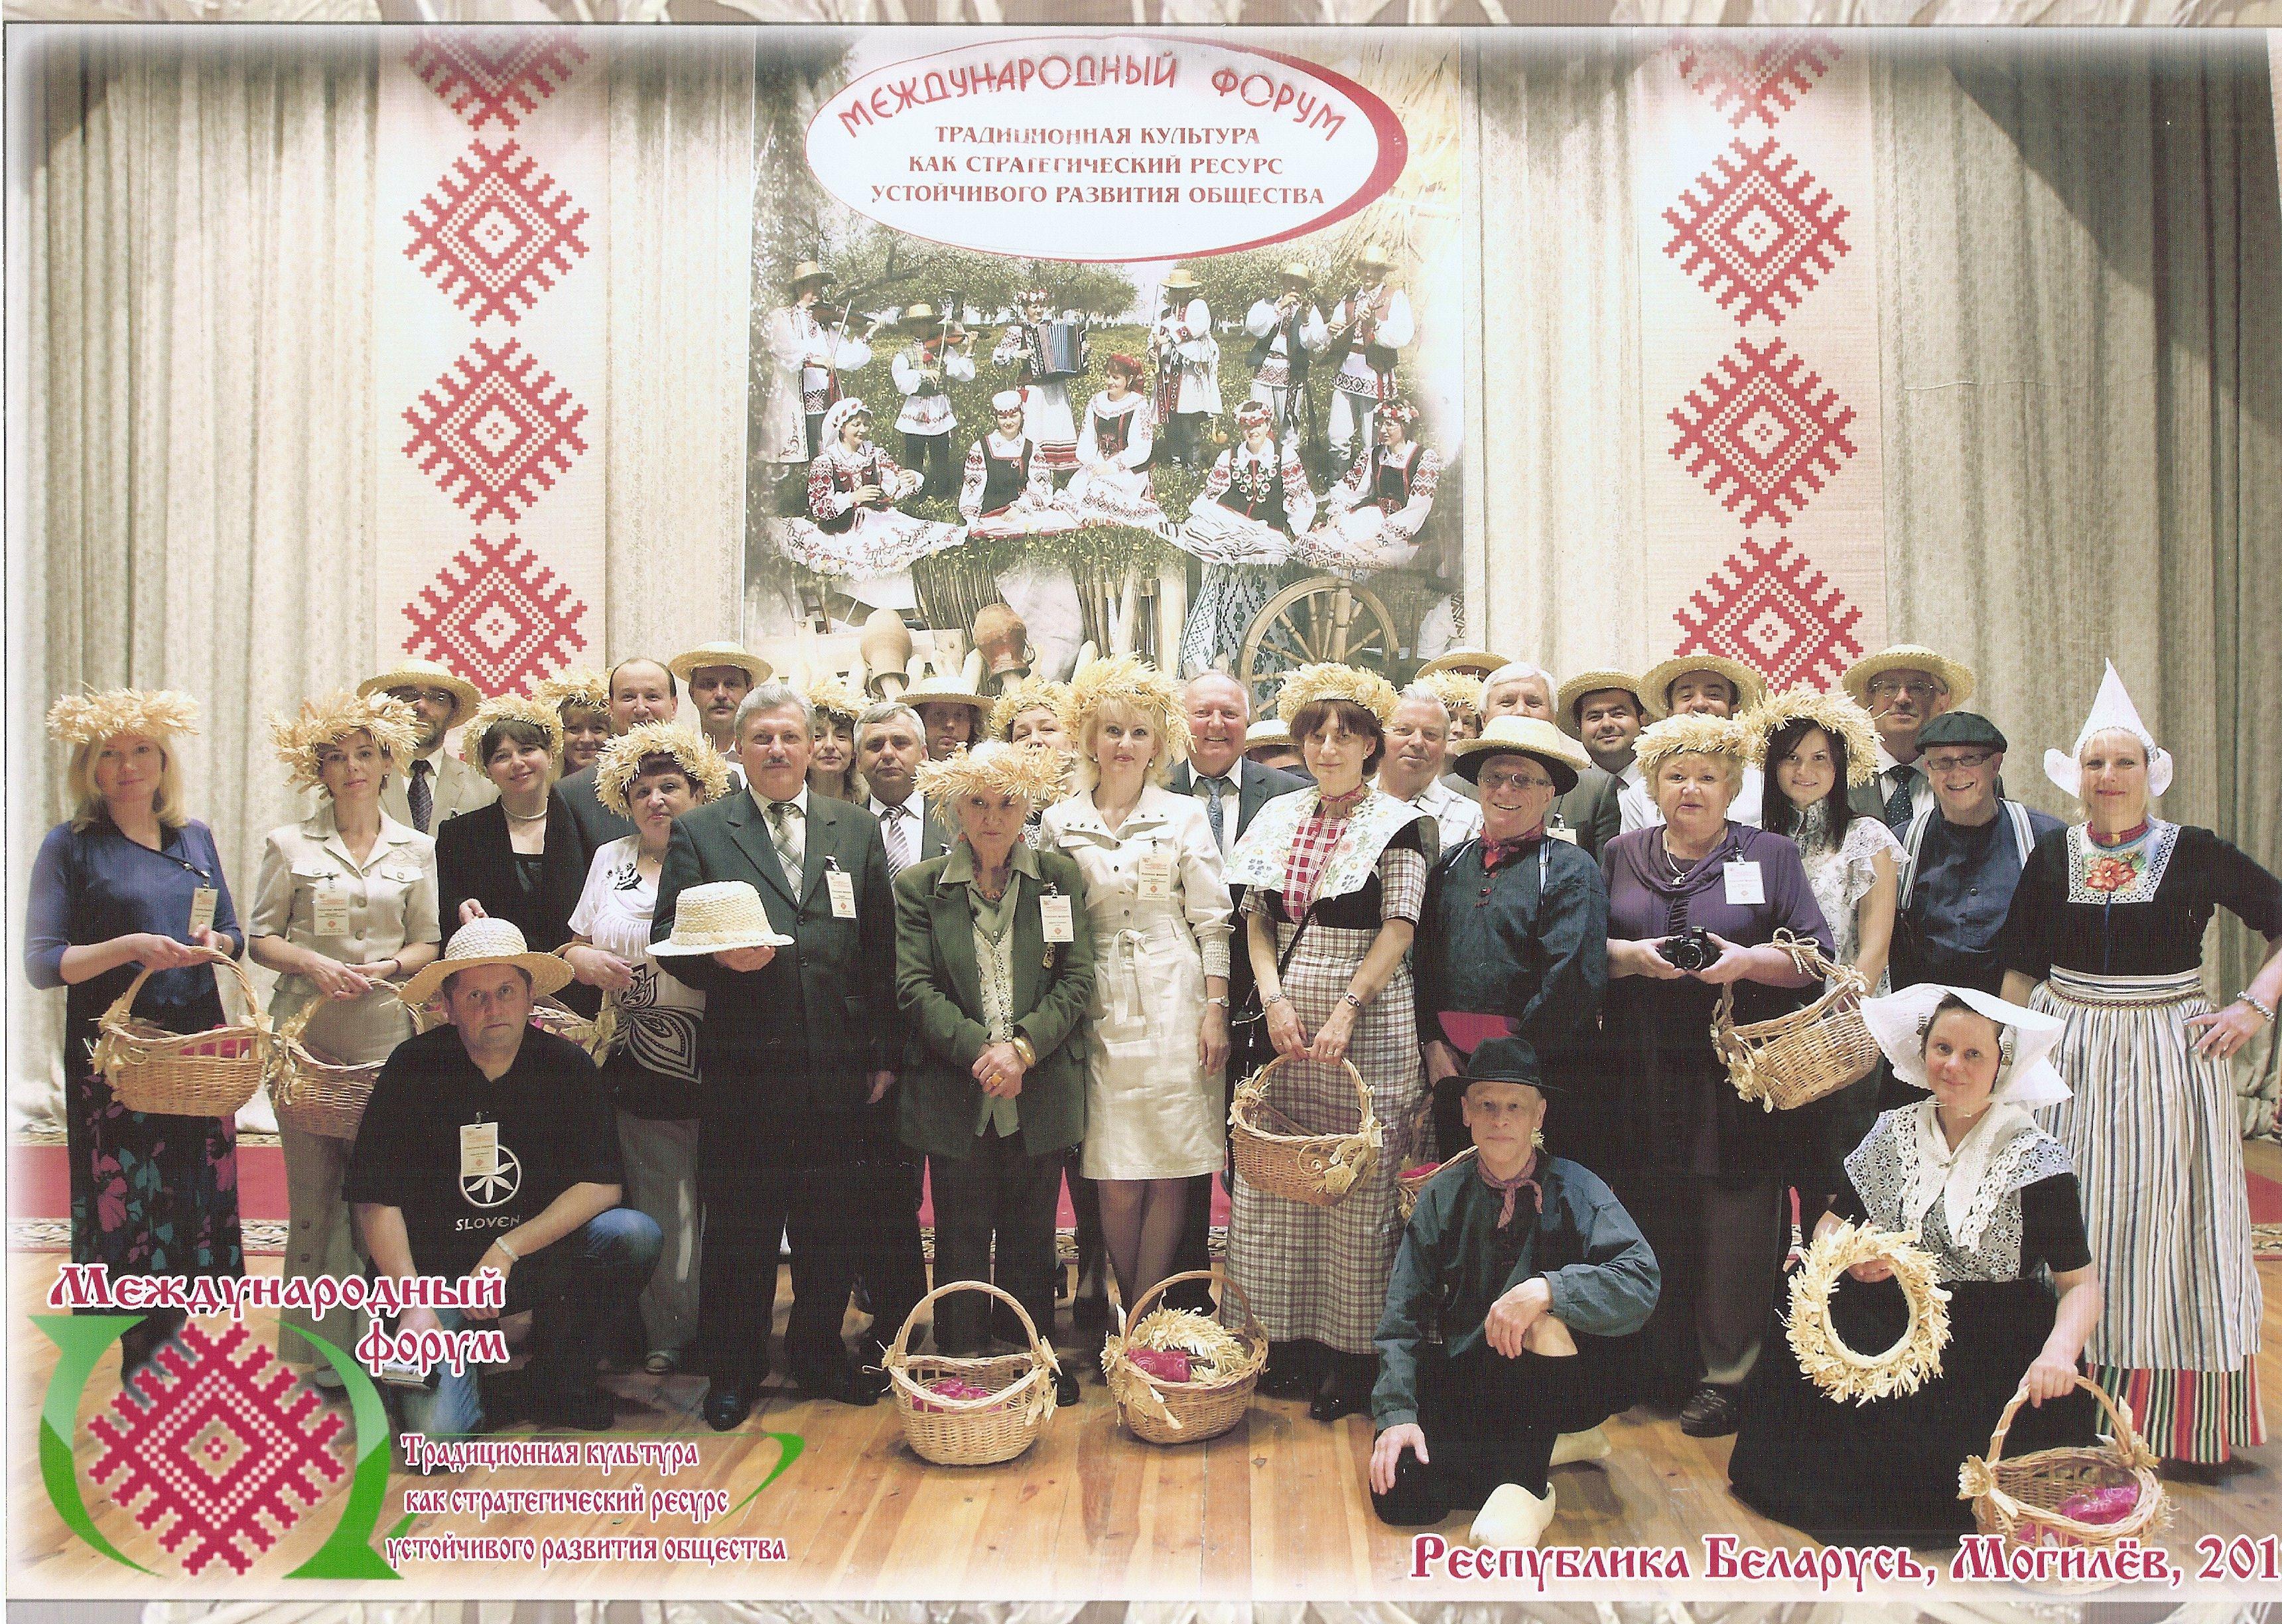 Internationale wetenschappelijke conferentie in Mogiljov in Wit Rusland 16 mei 2013. Zarjanka in de authentieke Nederlandse klederdrachten demonstreert in Wit Rusland hun Nederlandse en de Russische folklore zang en dans voor de specialisten uit 14 landen!